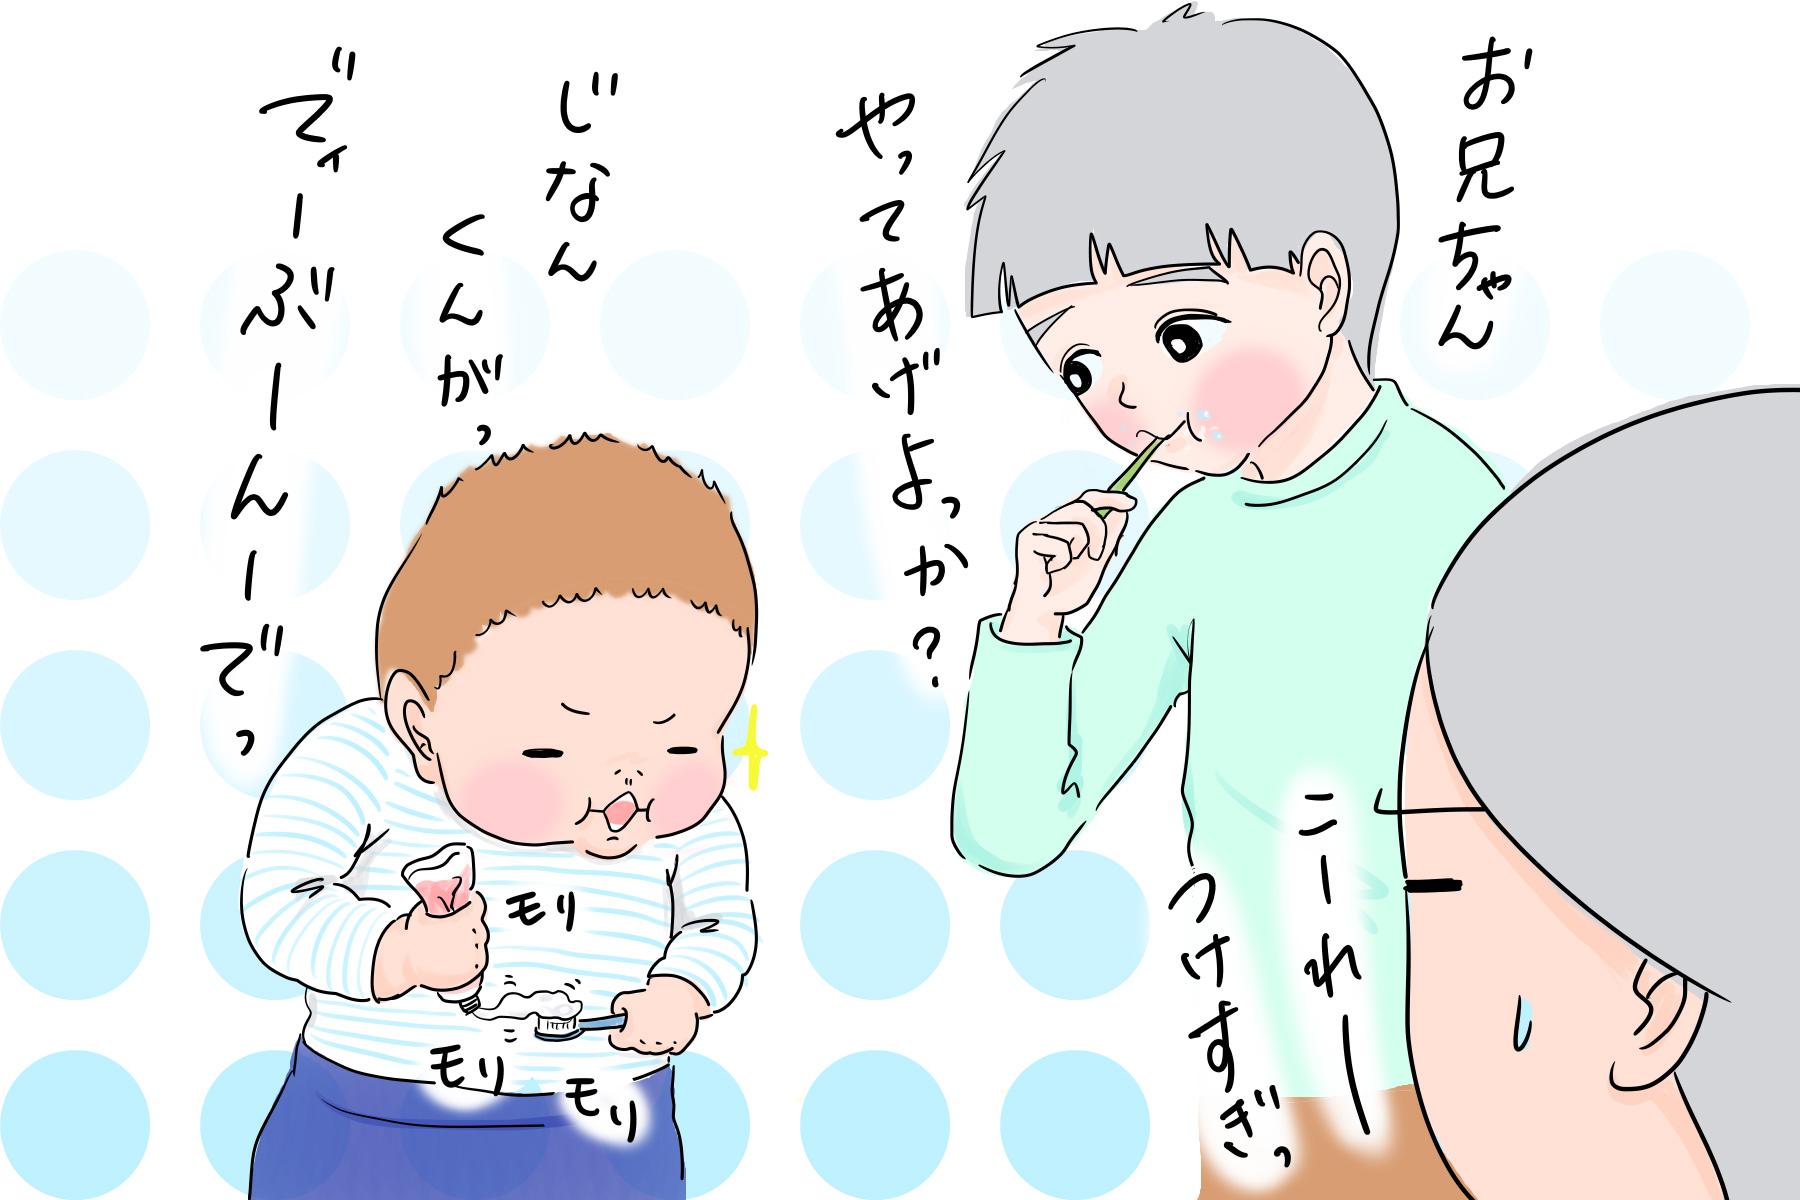 子供の歯磨きイヤイヤ問題に役立つ子供用歯磨き粉「ライオン チェックアップコドモ」